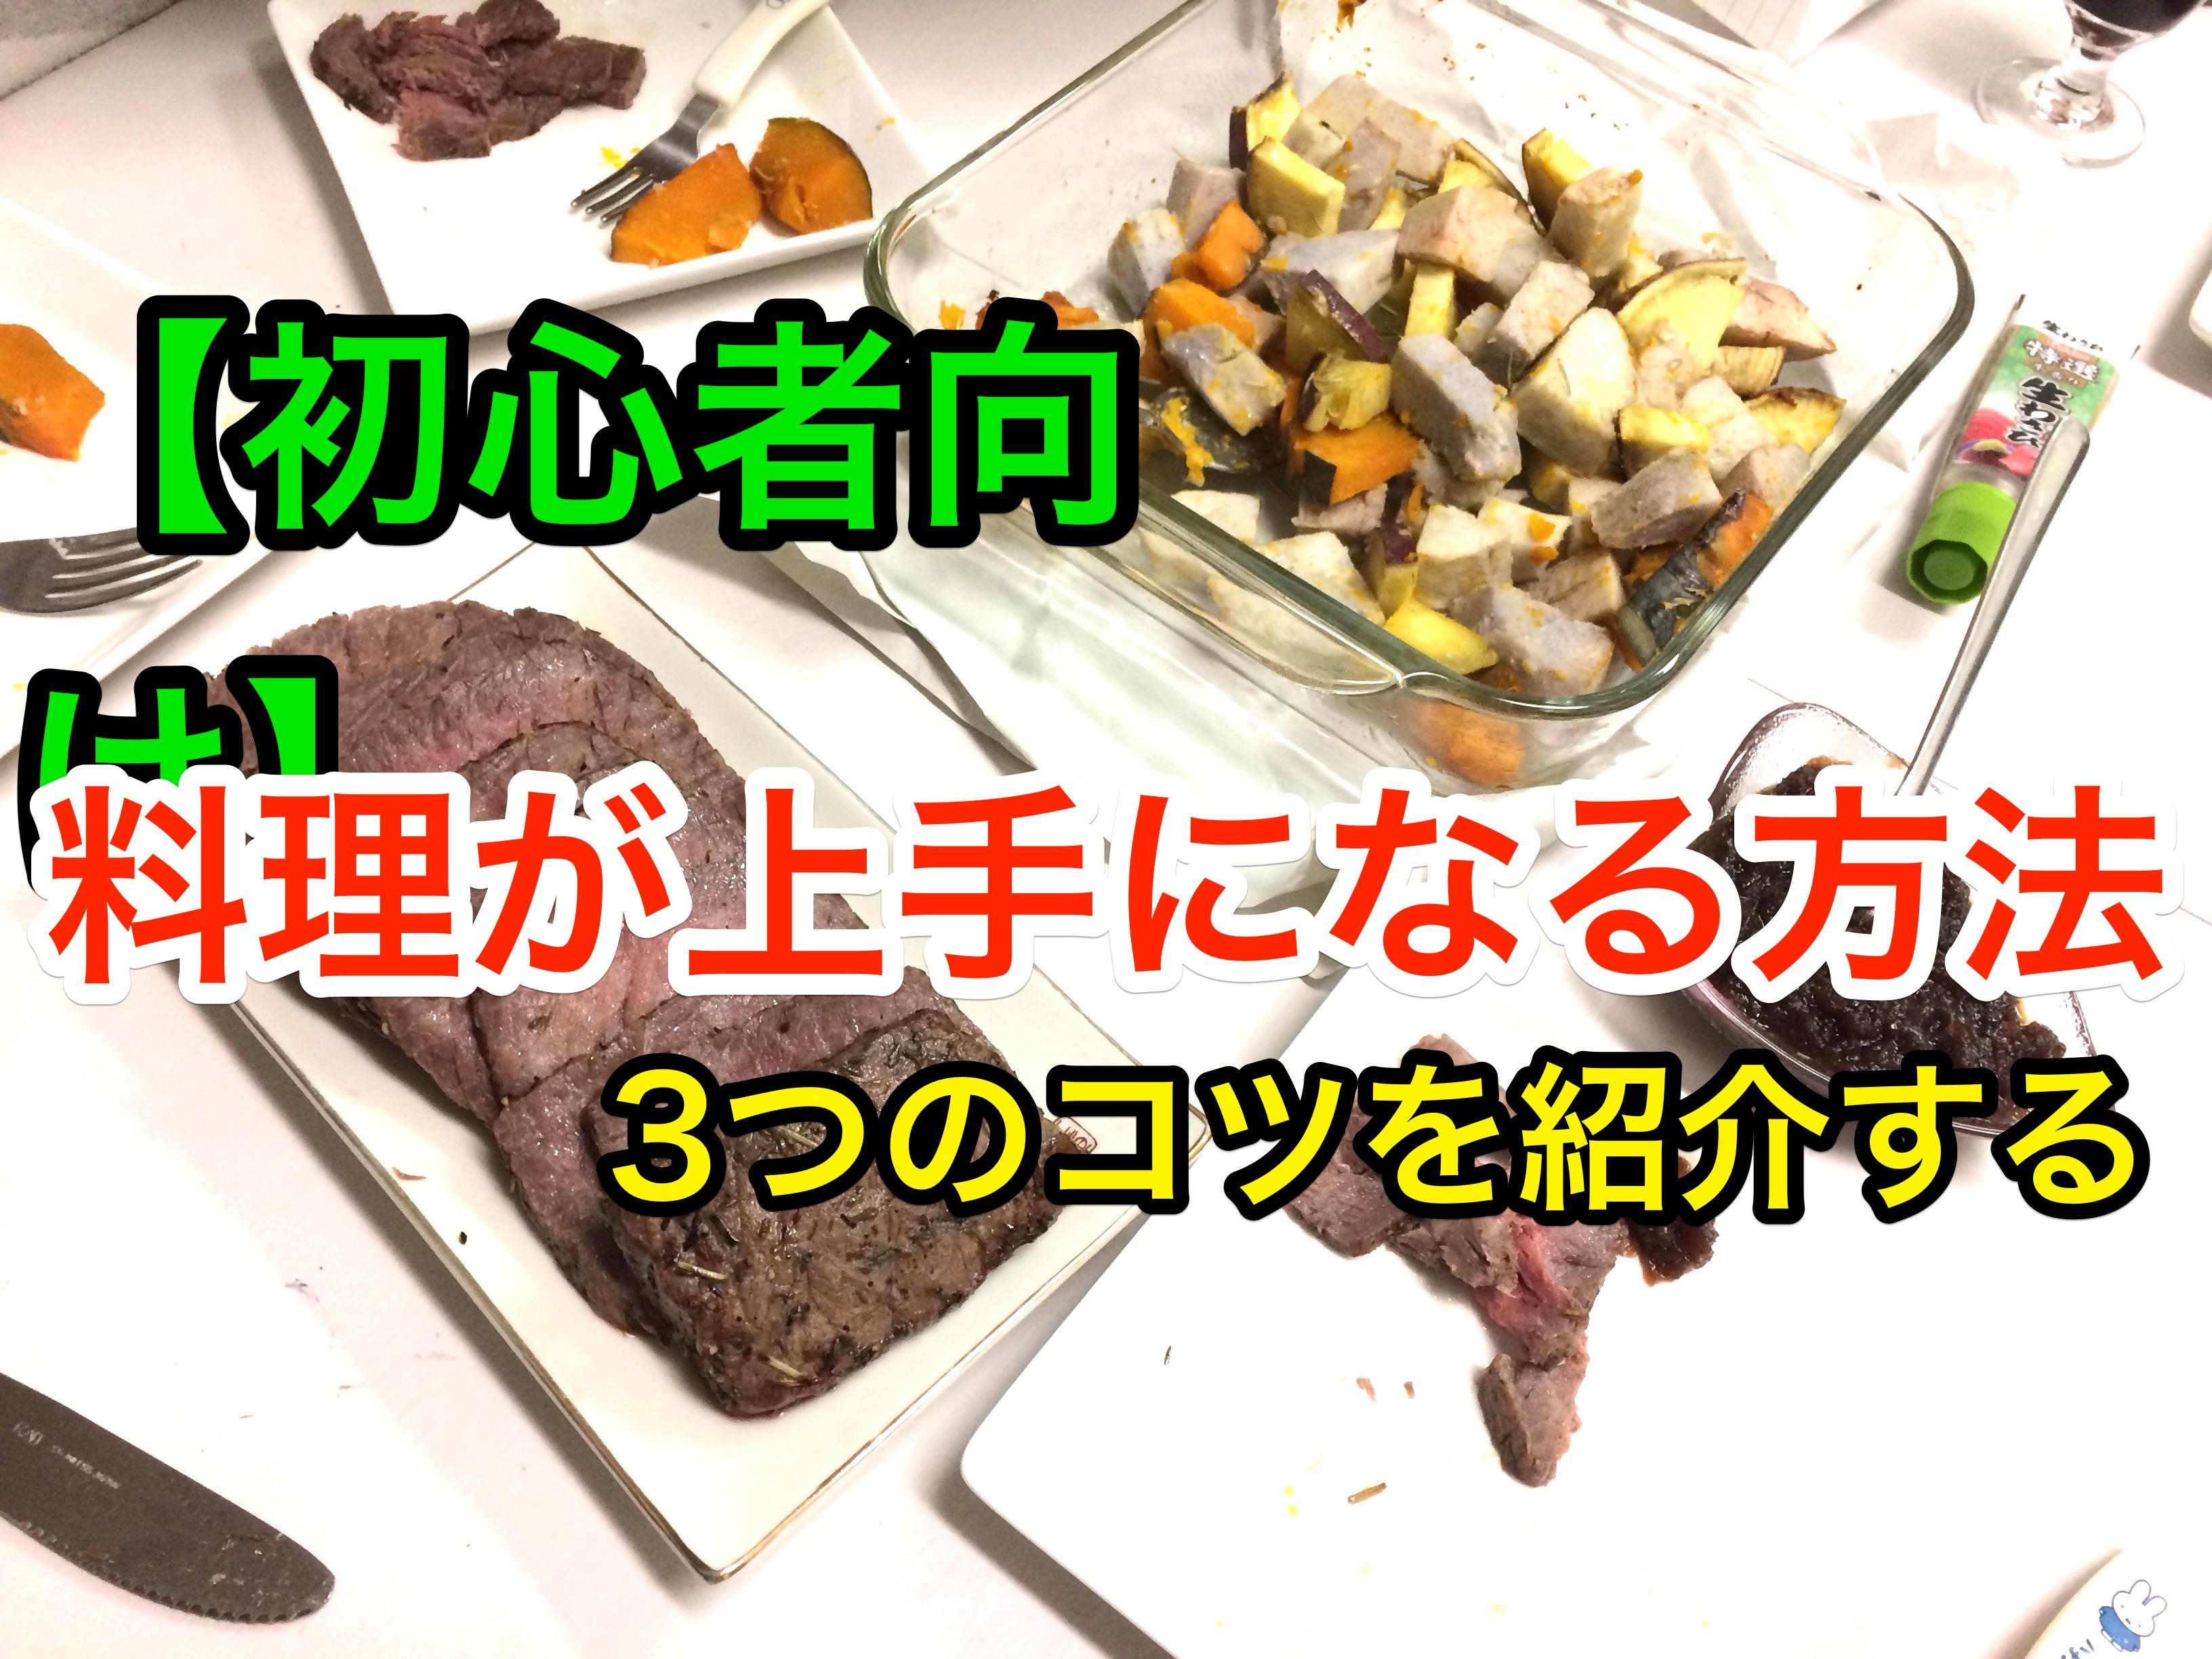 【初心者向け】料理が上手くなる方法。3つのコツを紹介してみる。